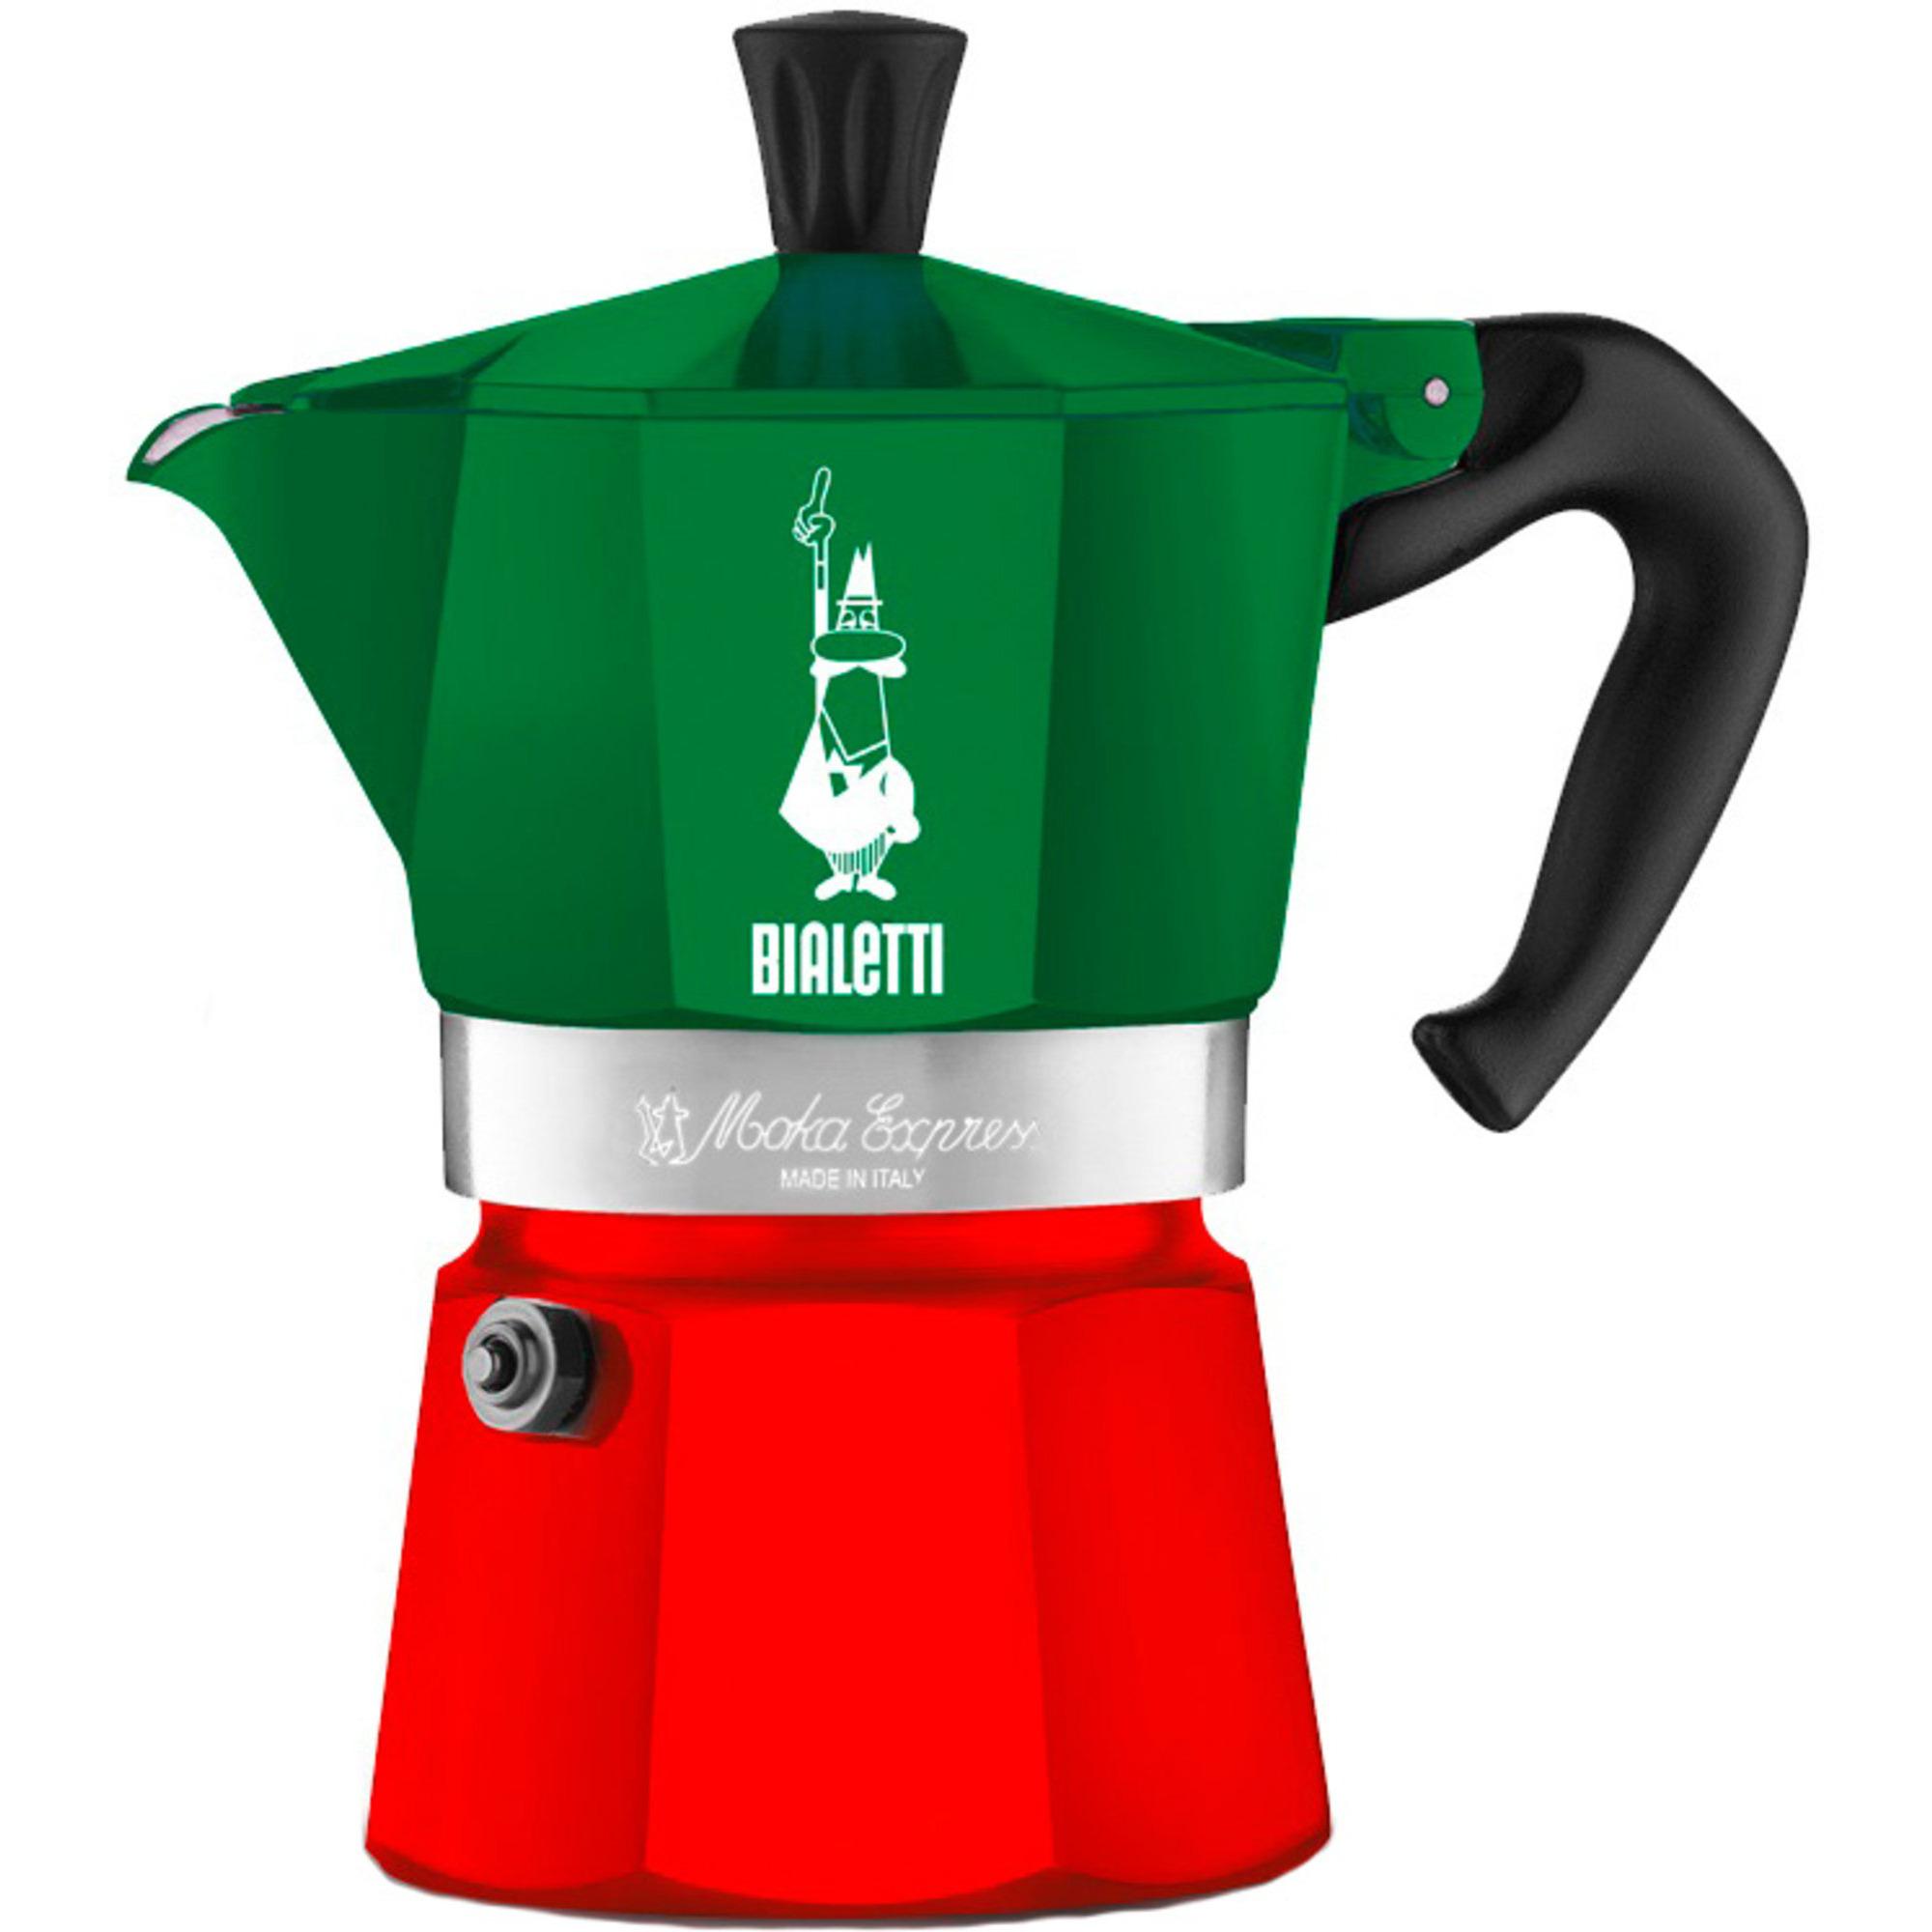 Billede af Bialetti Kaffebrygger Italy 3 kopper